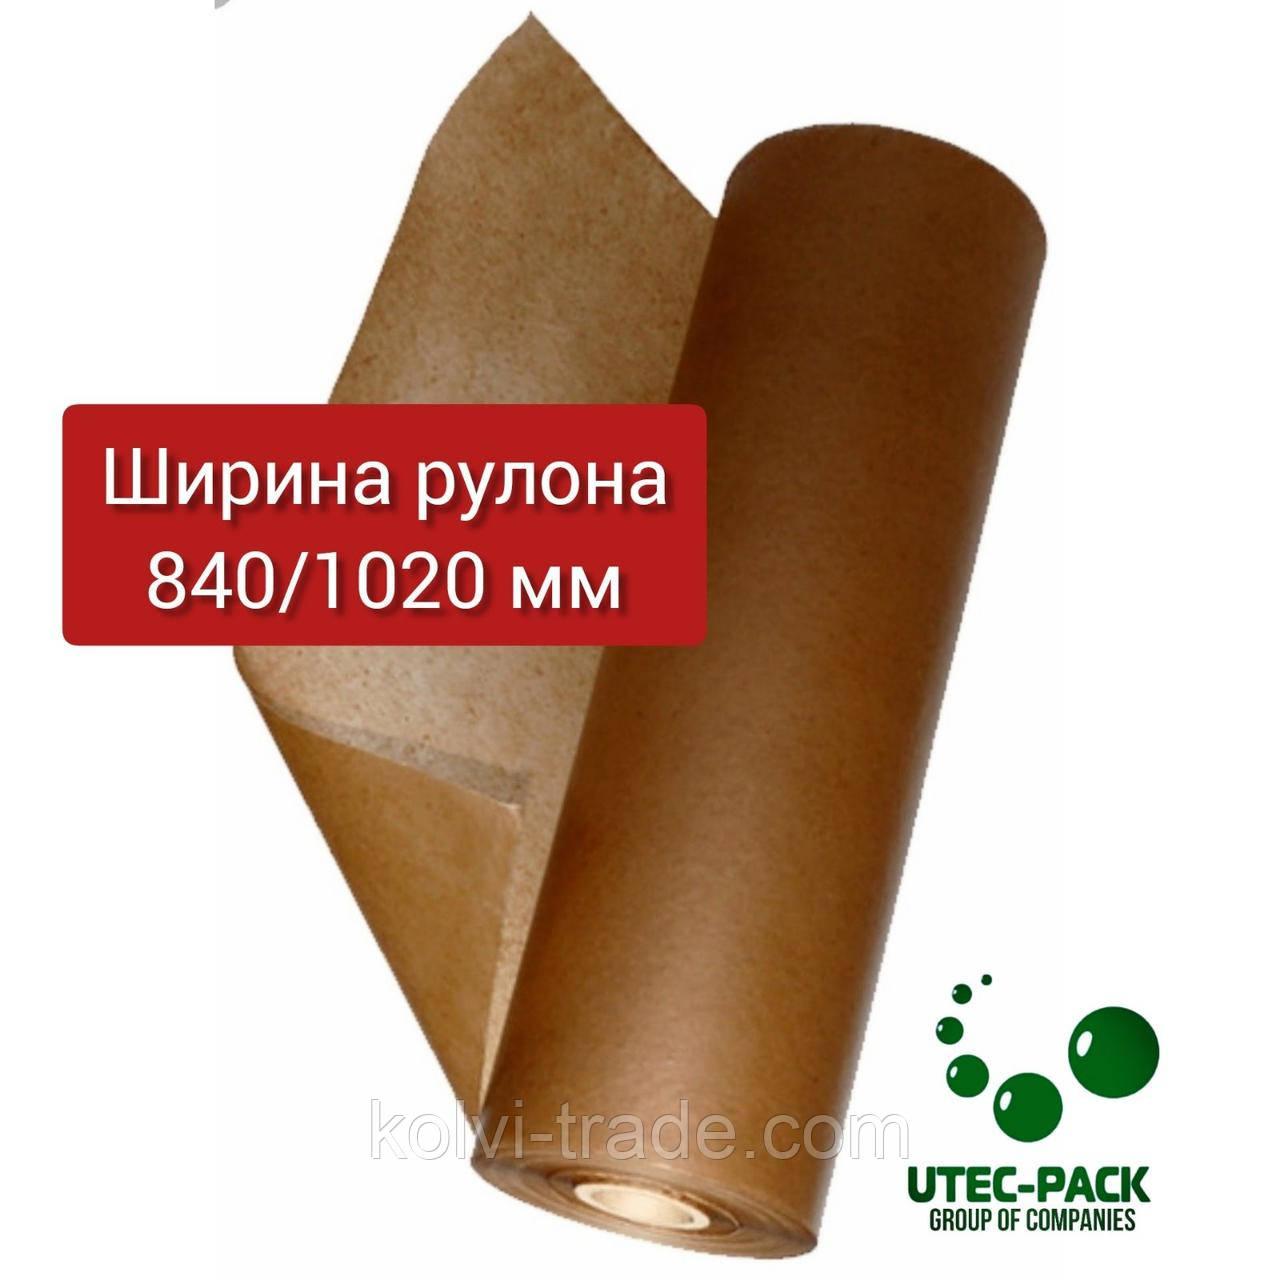 Парафинированная бумага для упаковки и хранения металлоизделий